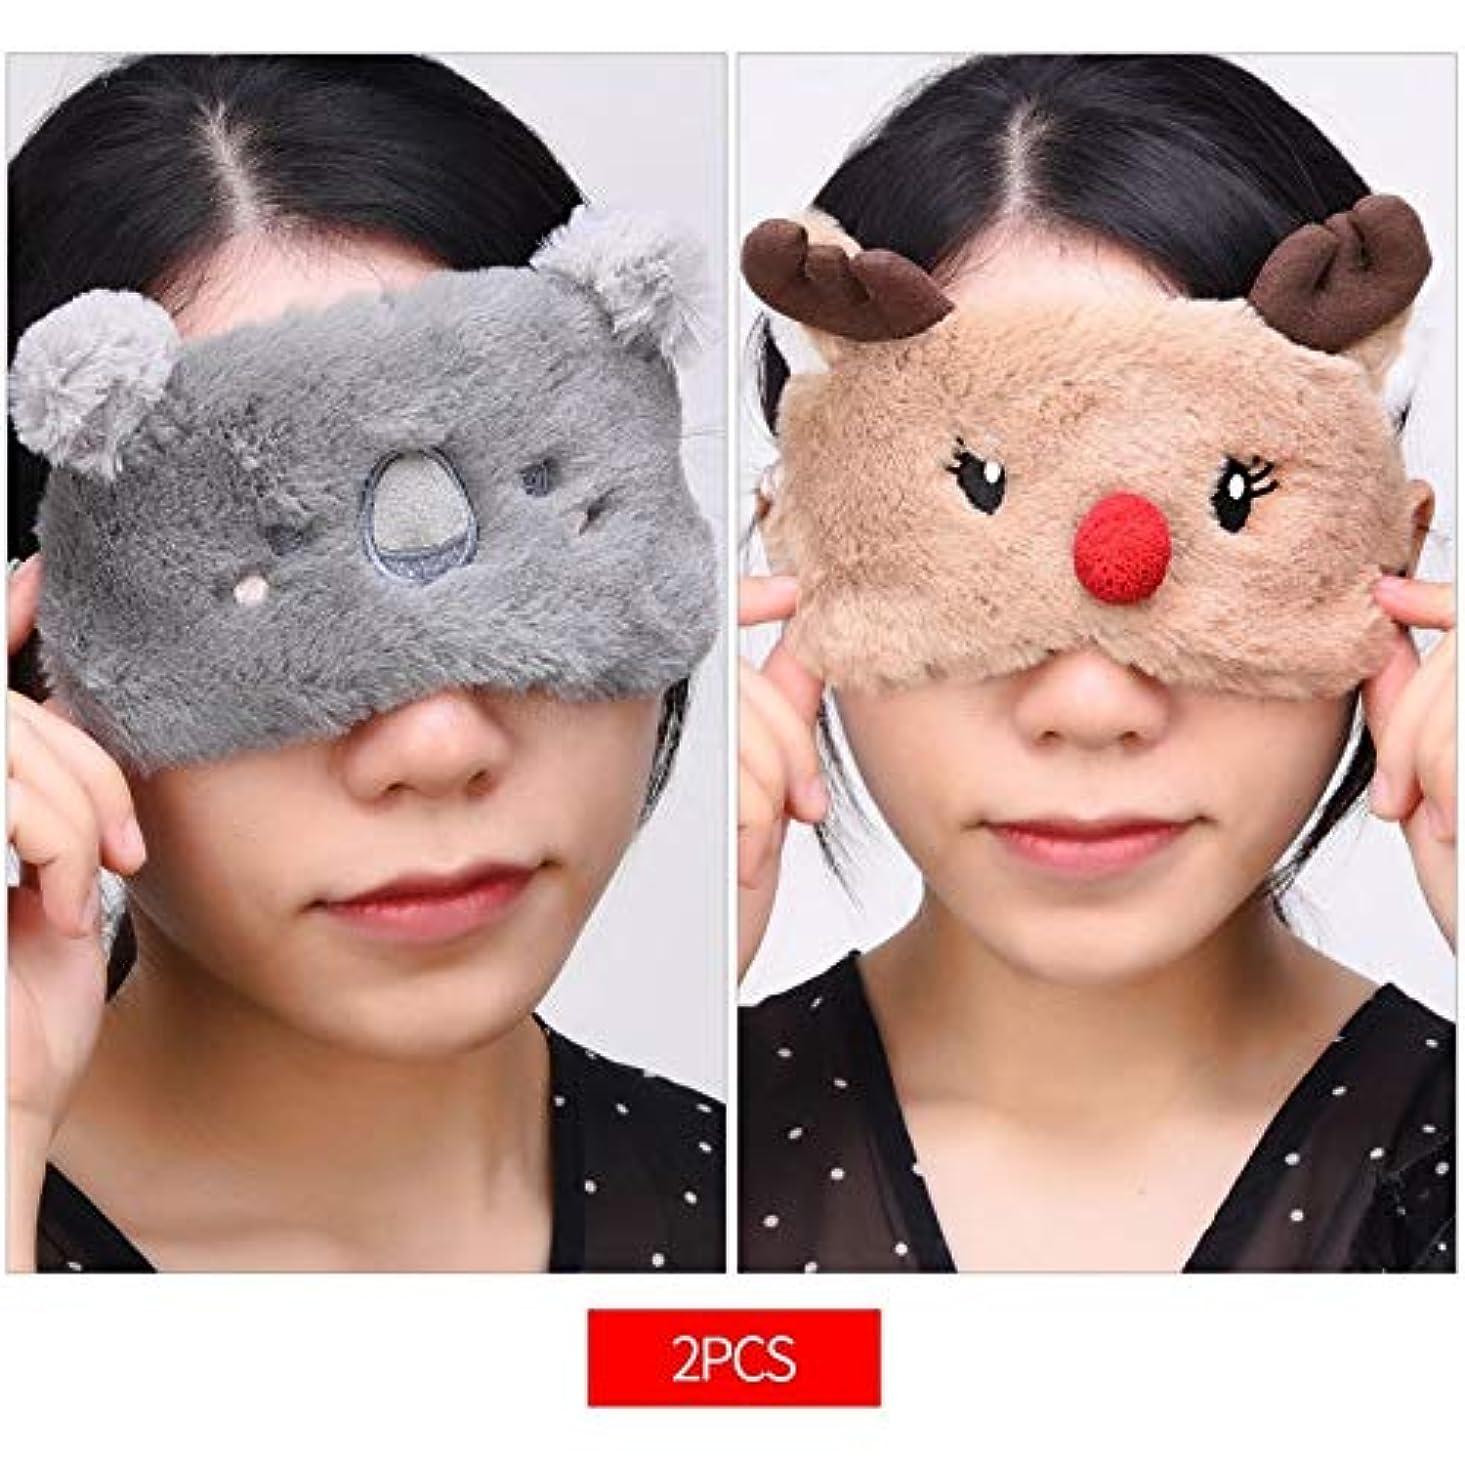 マカダム約設定トピックNOTE 2ピースかわいい動物アイマスク目隠し豪華な睡眠アイシェードオフィス通気性アイカバー付き調整可能ストラップナイトアイシェード0